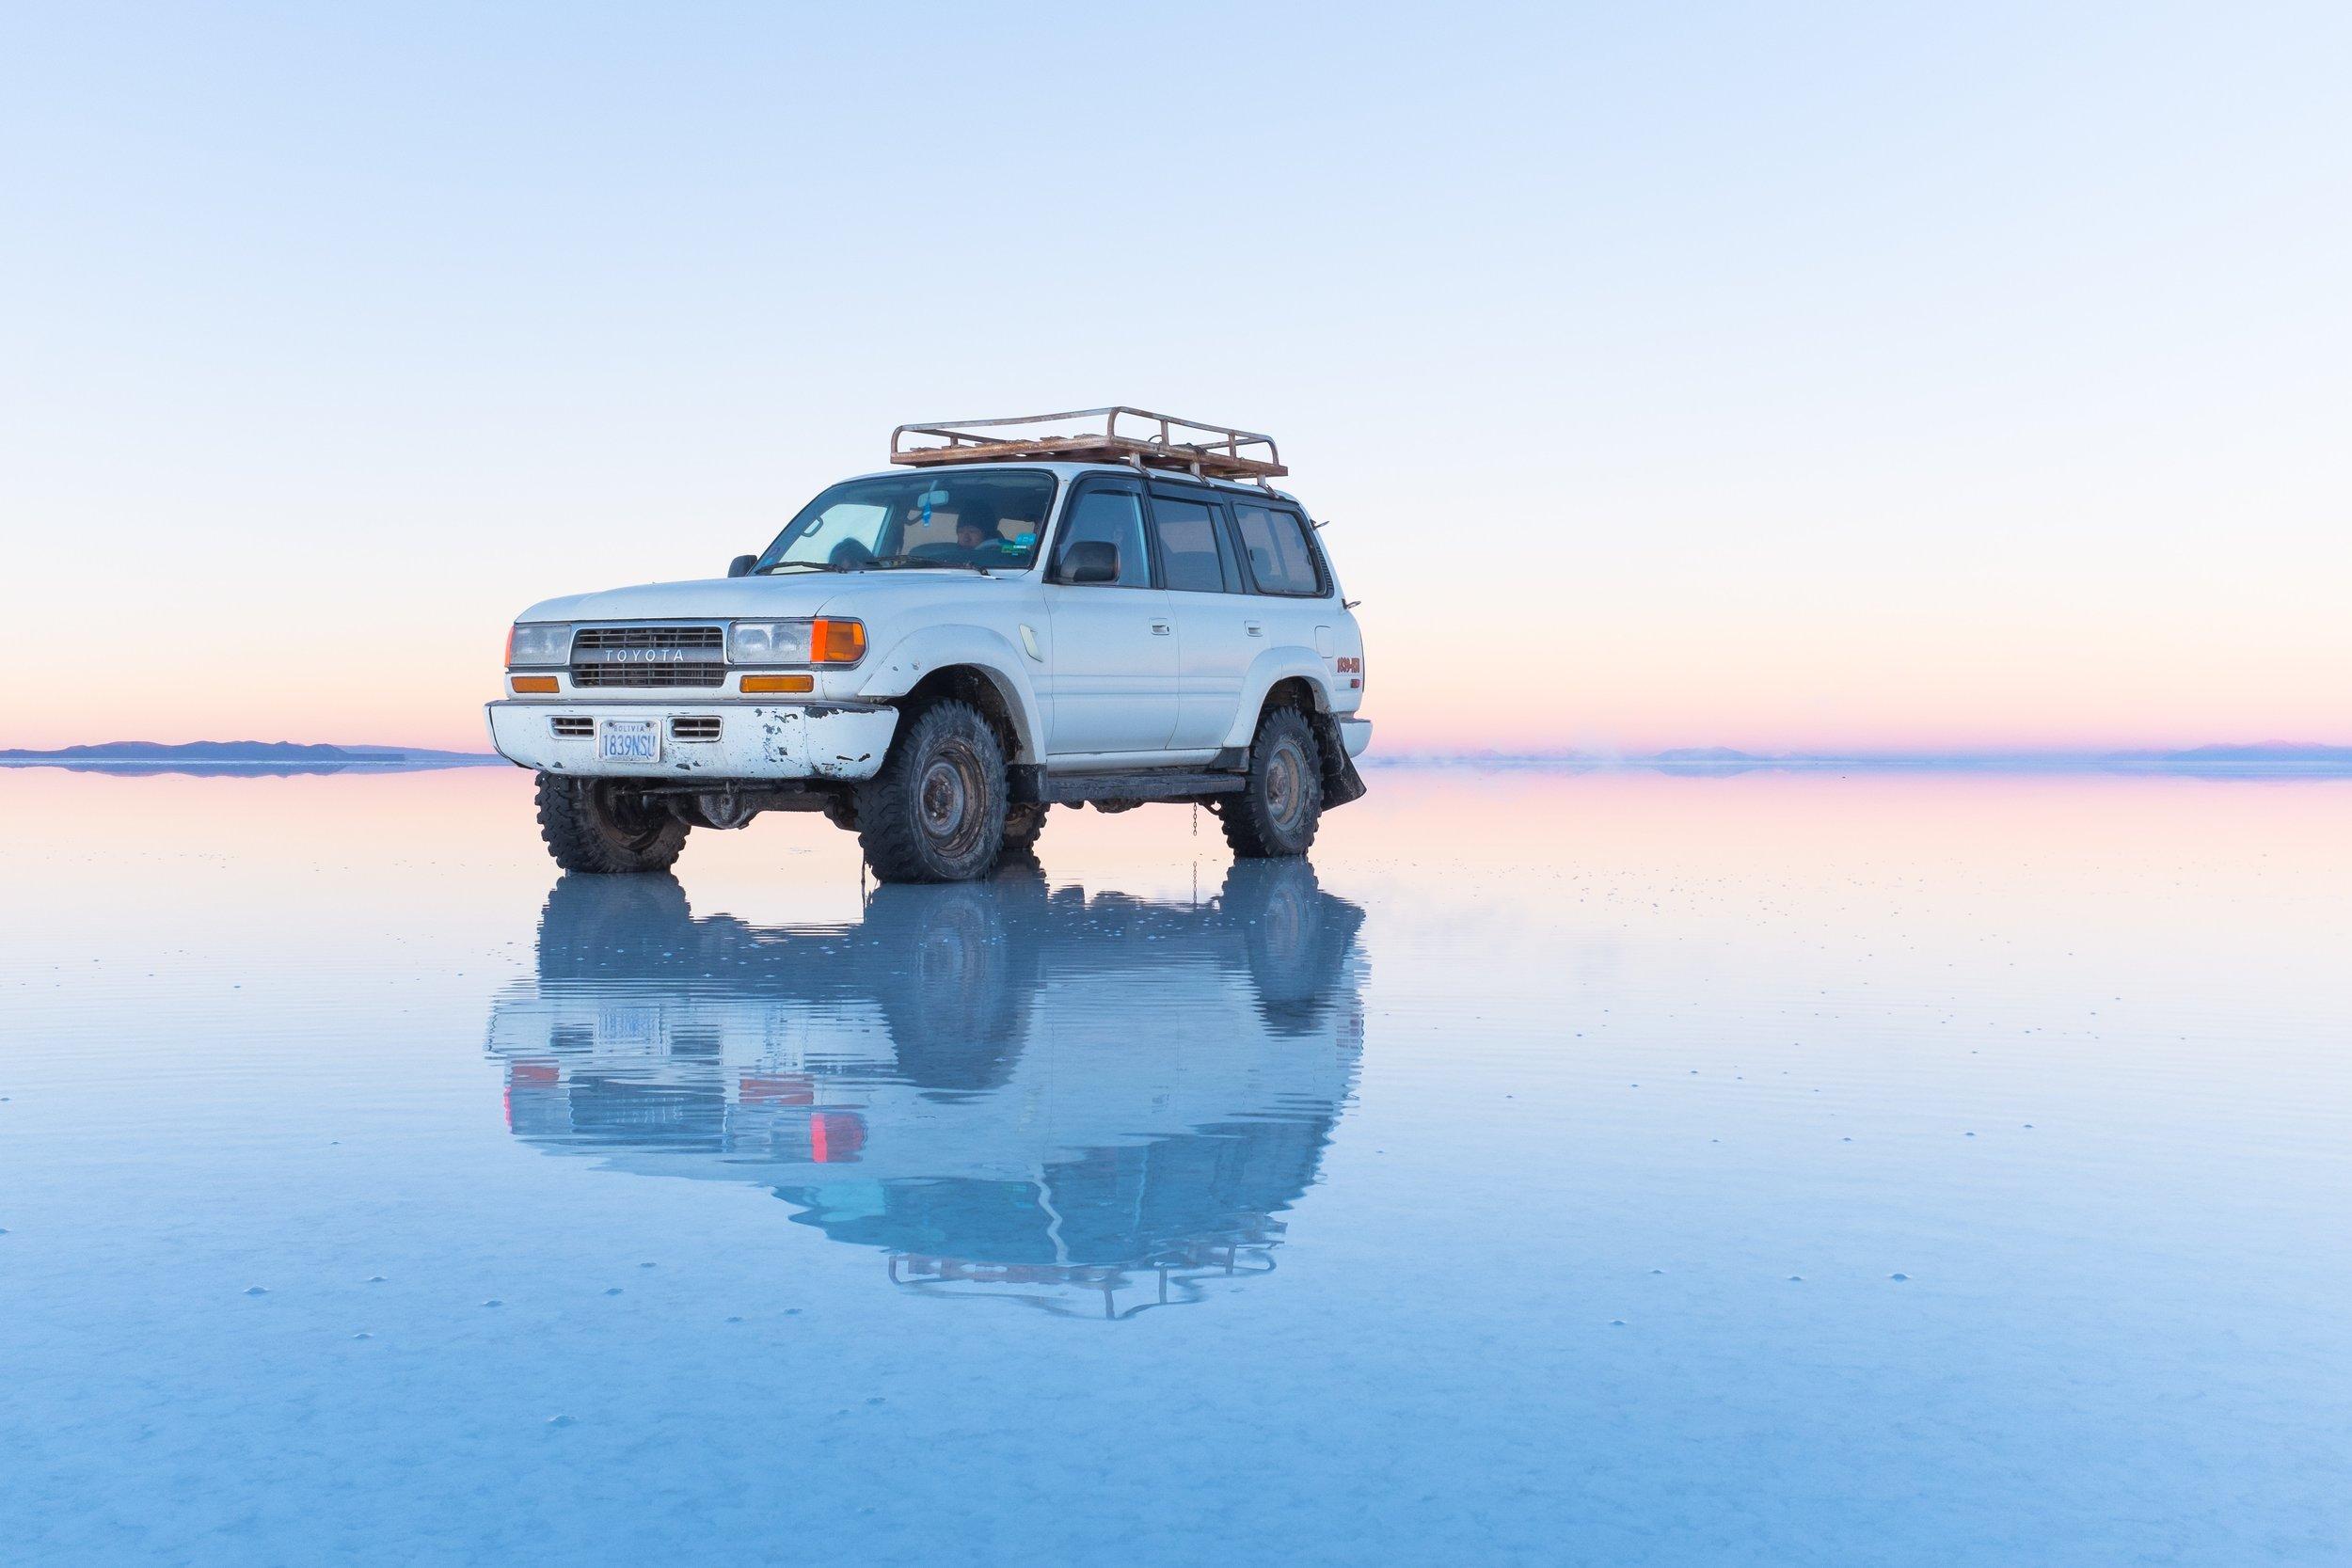 Salar de Uyuni - or Bolivia's Salt Flats